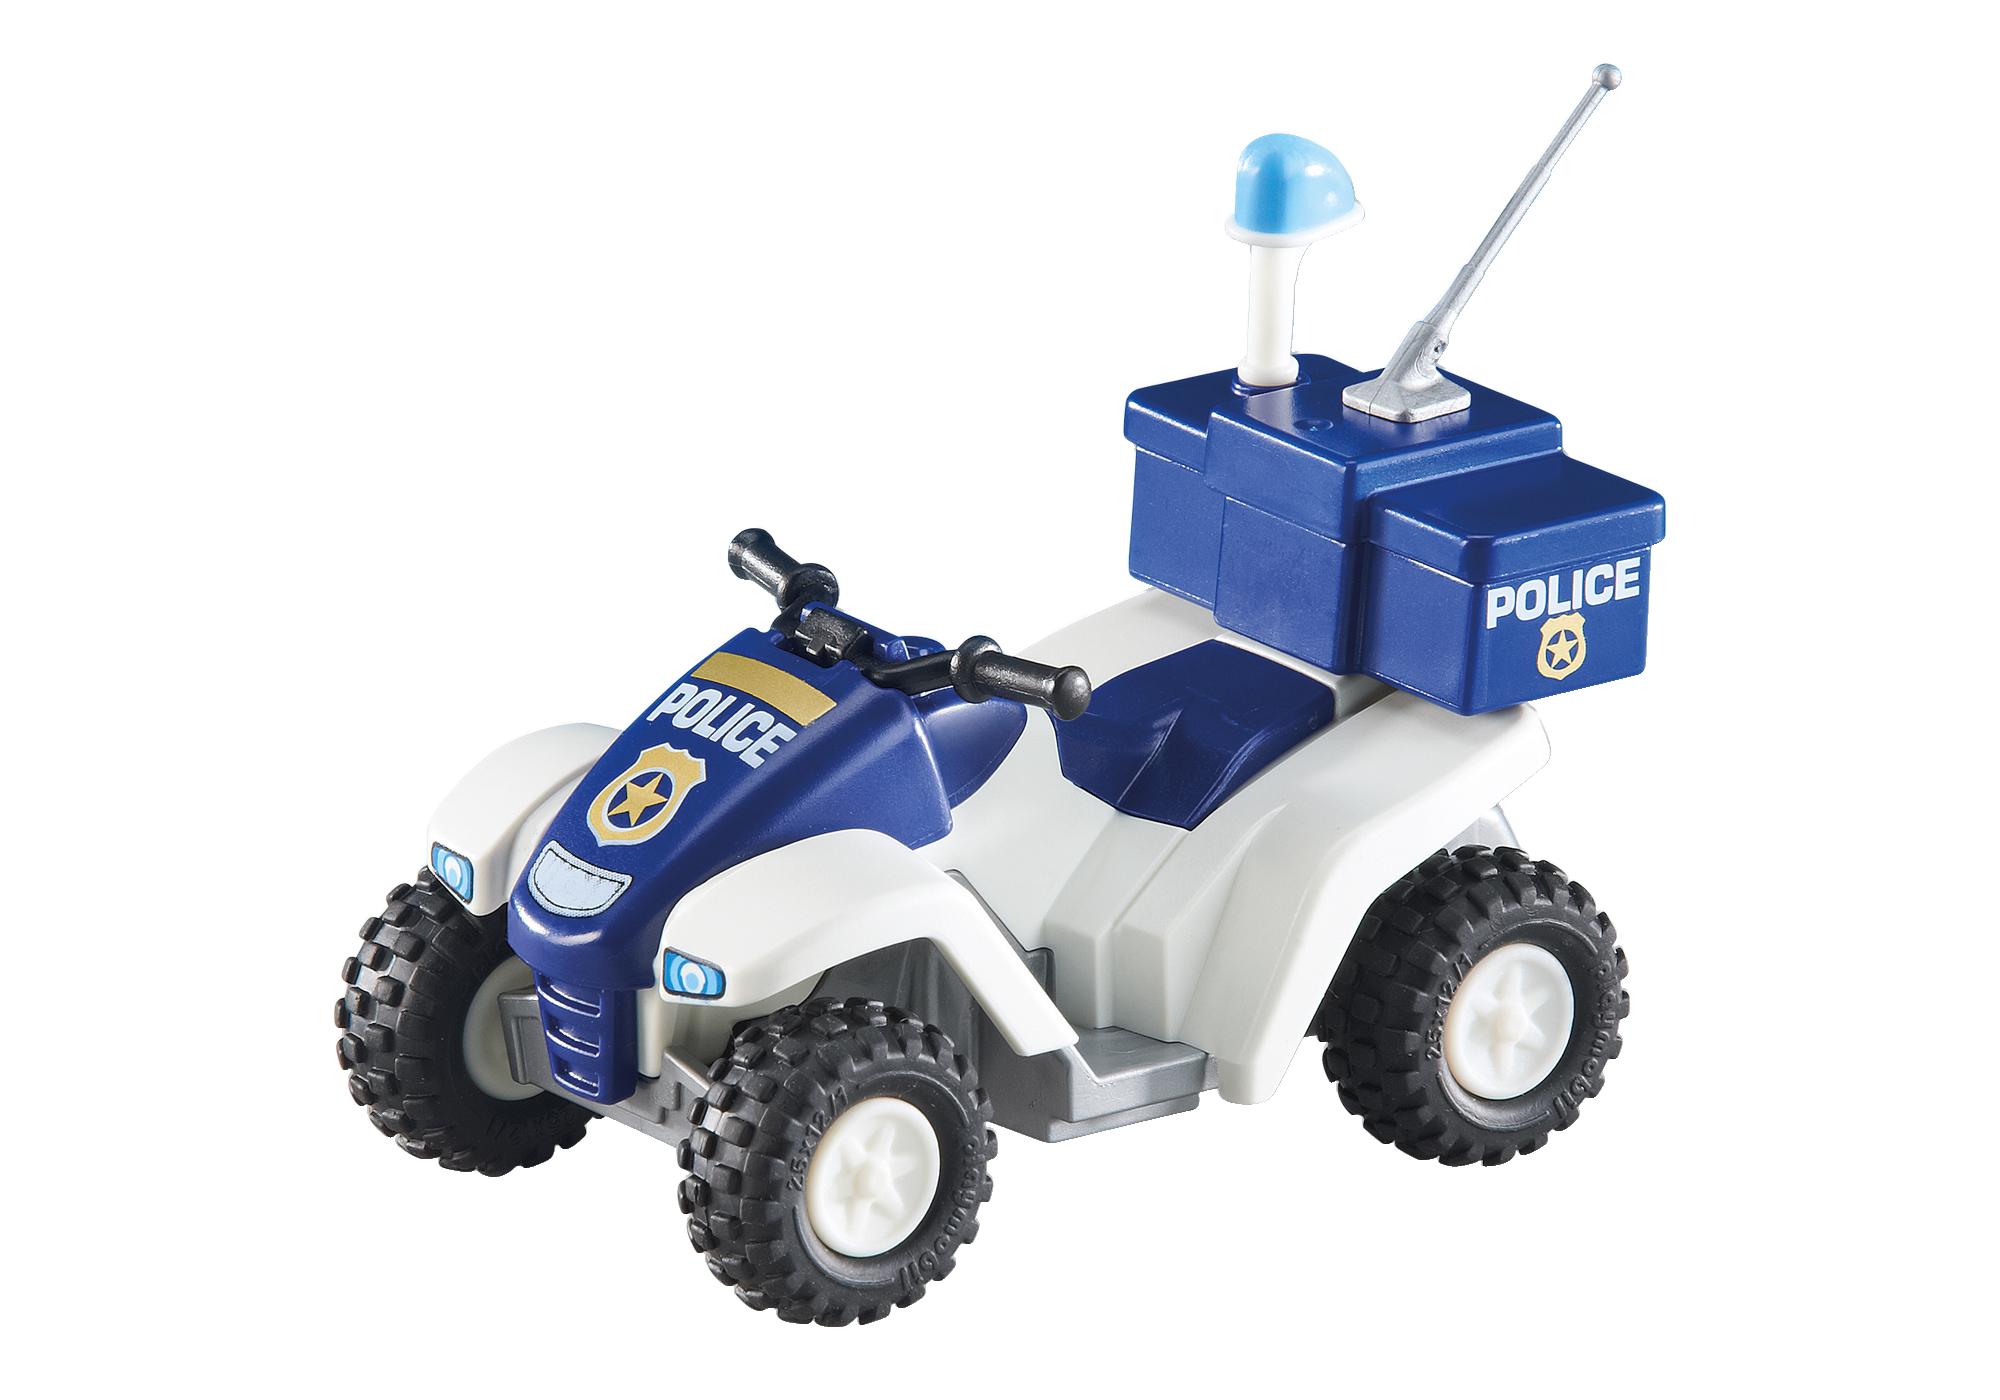 http://media.playmobil.com/i/playmobil/6504_product_box_front/Moto 4 da Polícia